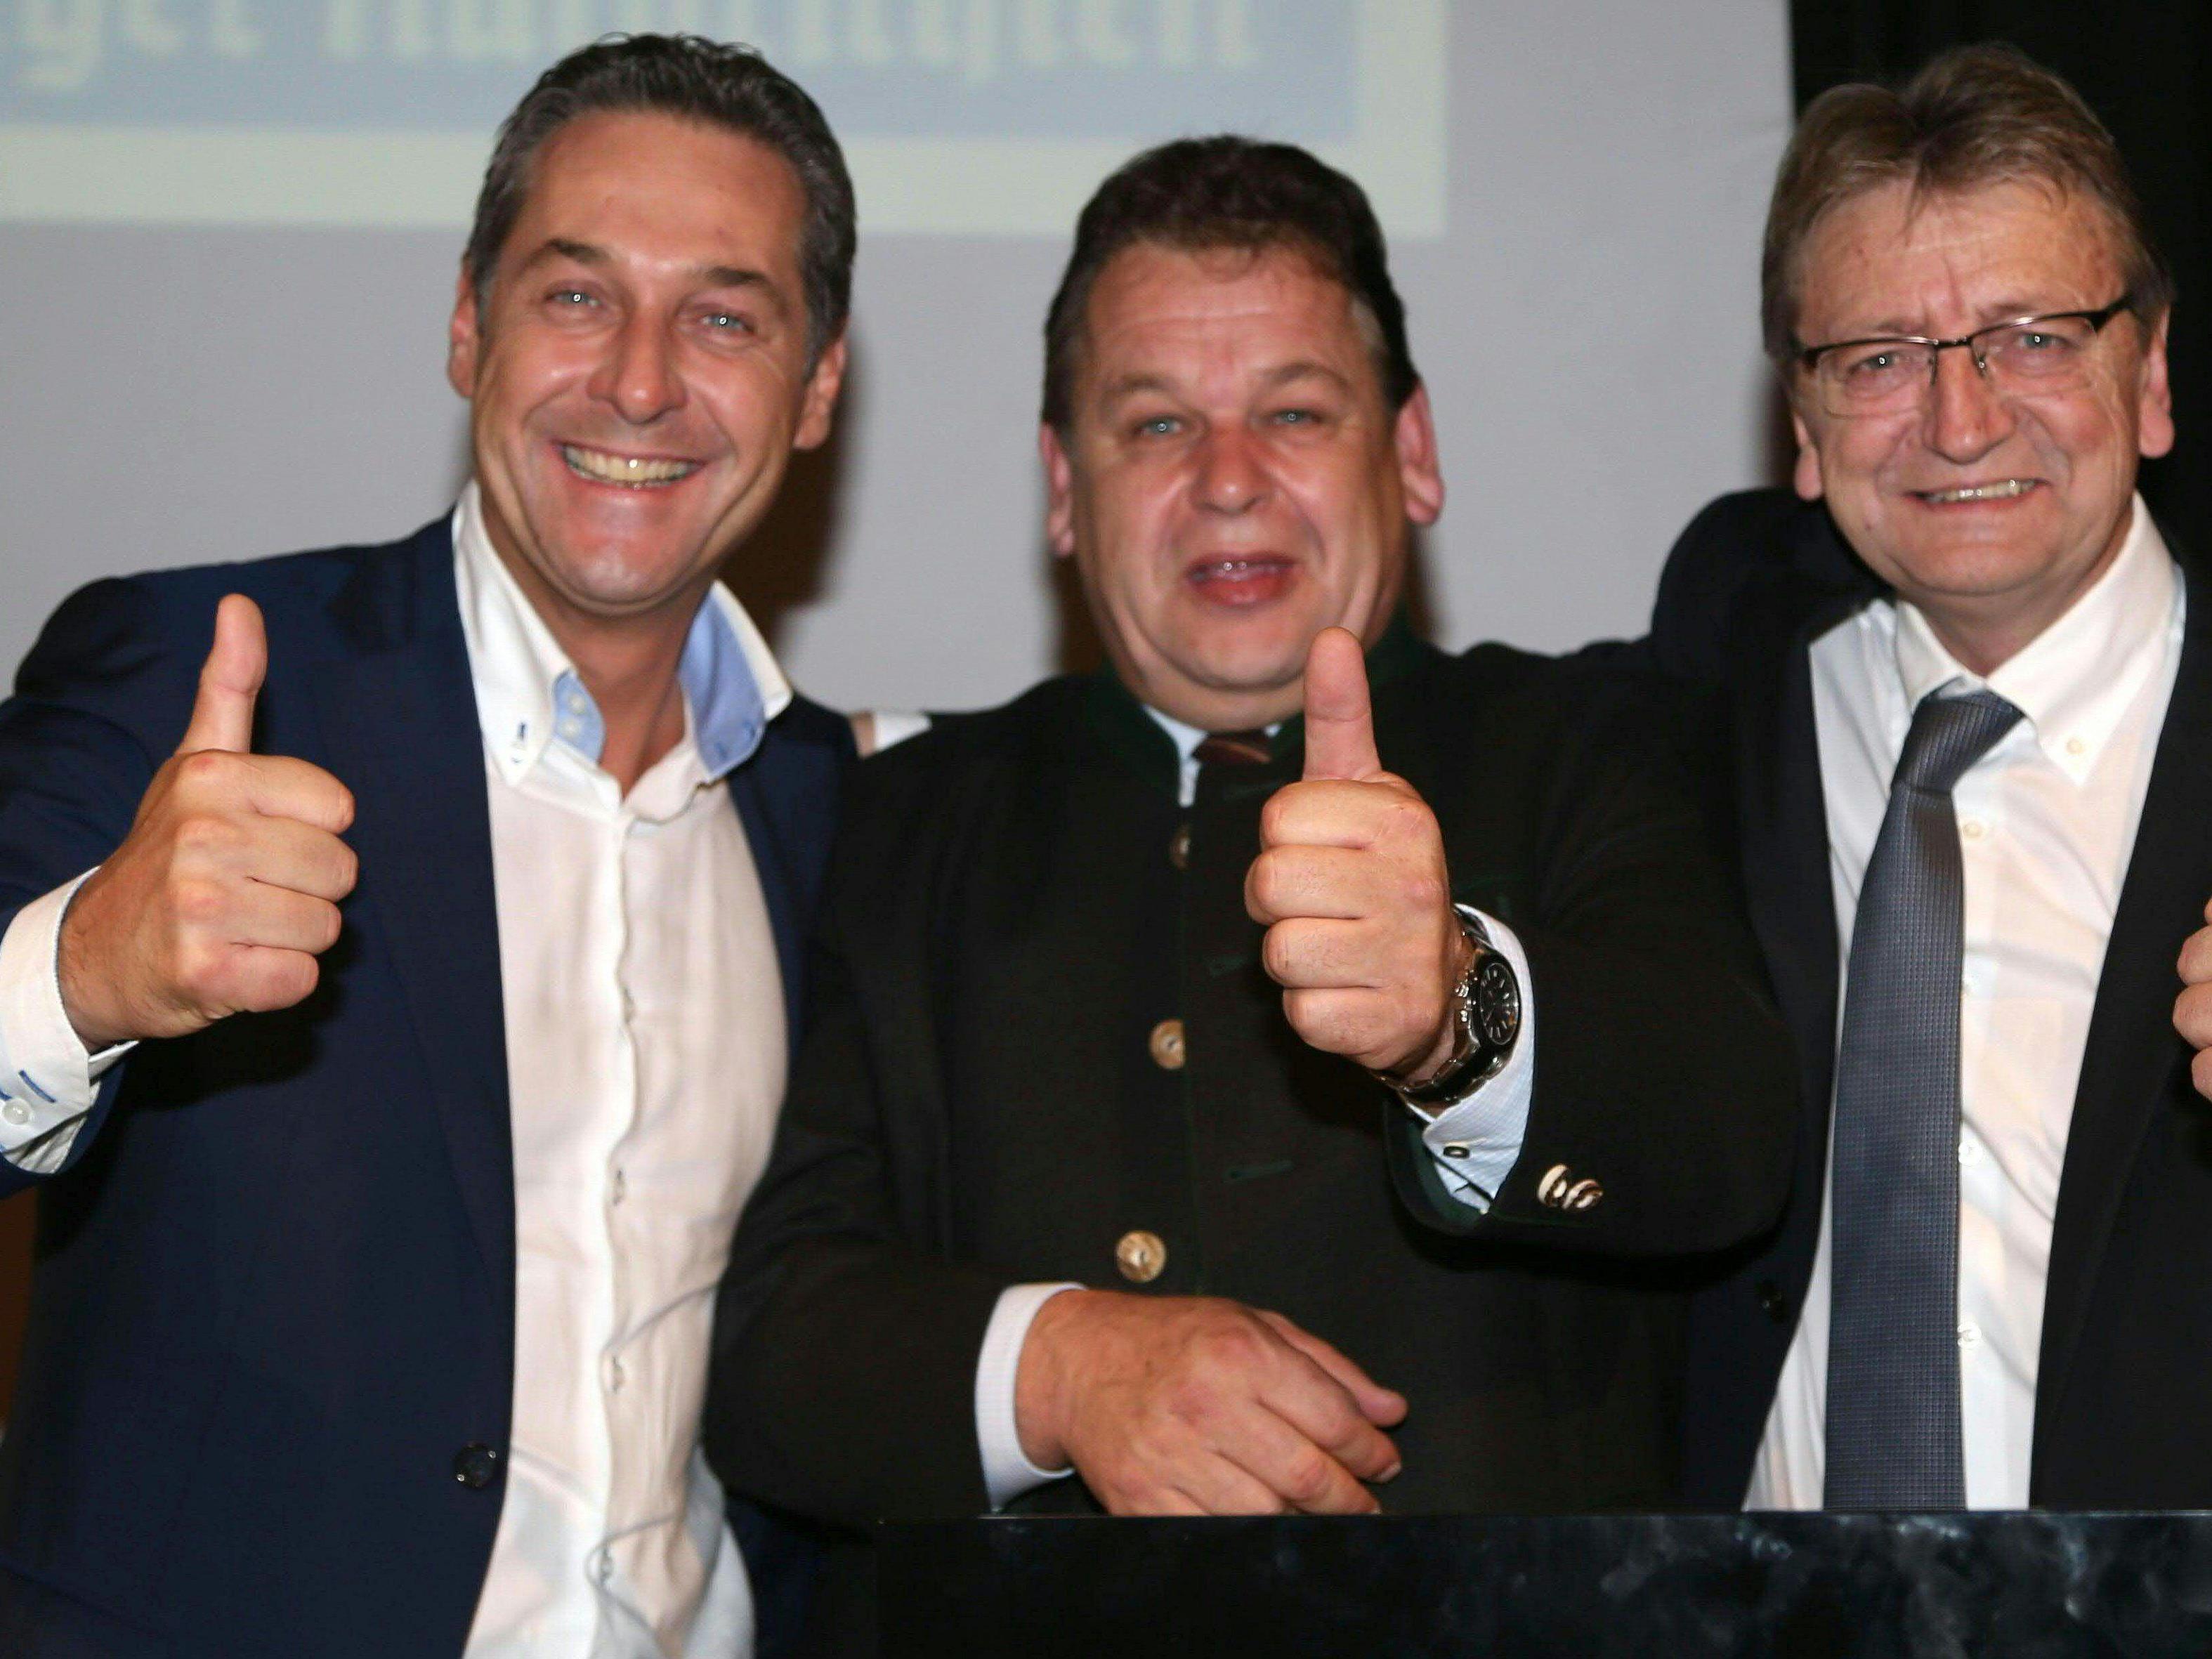 Als die Welt noch in Ordnung schien: Strache, Doppler und Schnell beim Landesparteitag im November 2013.